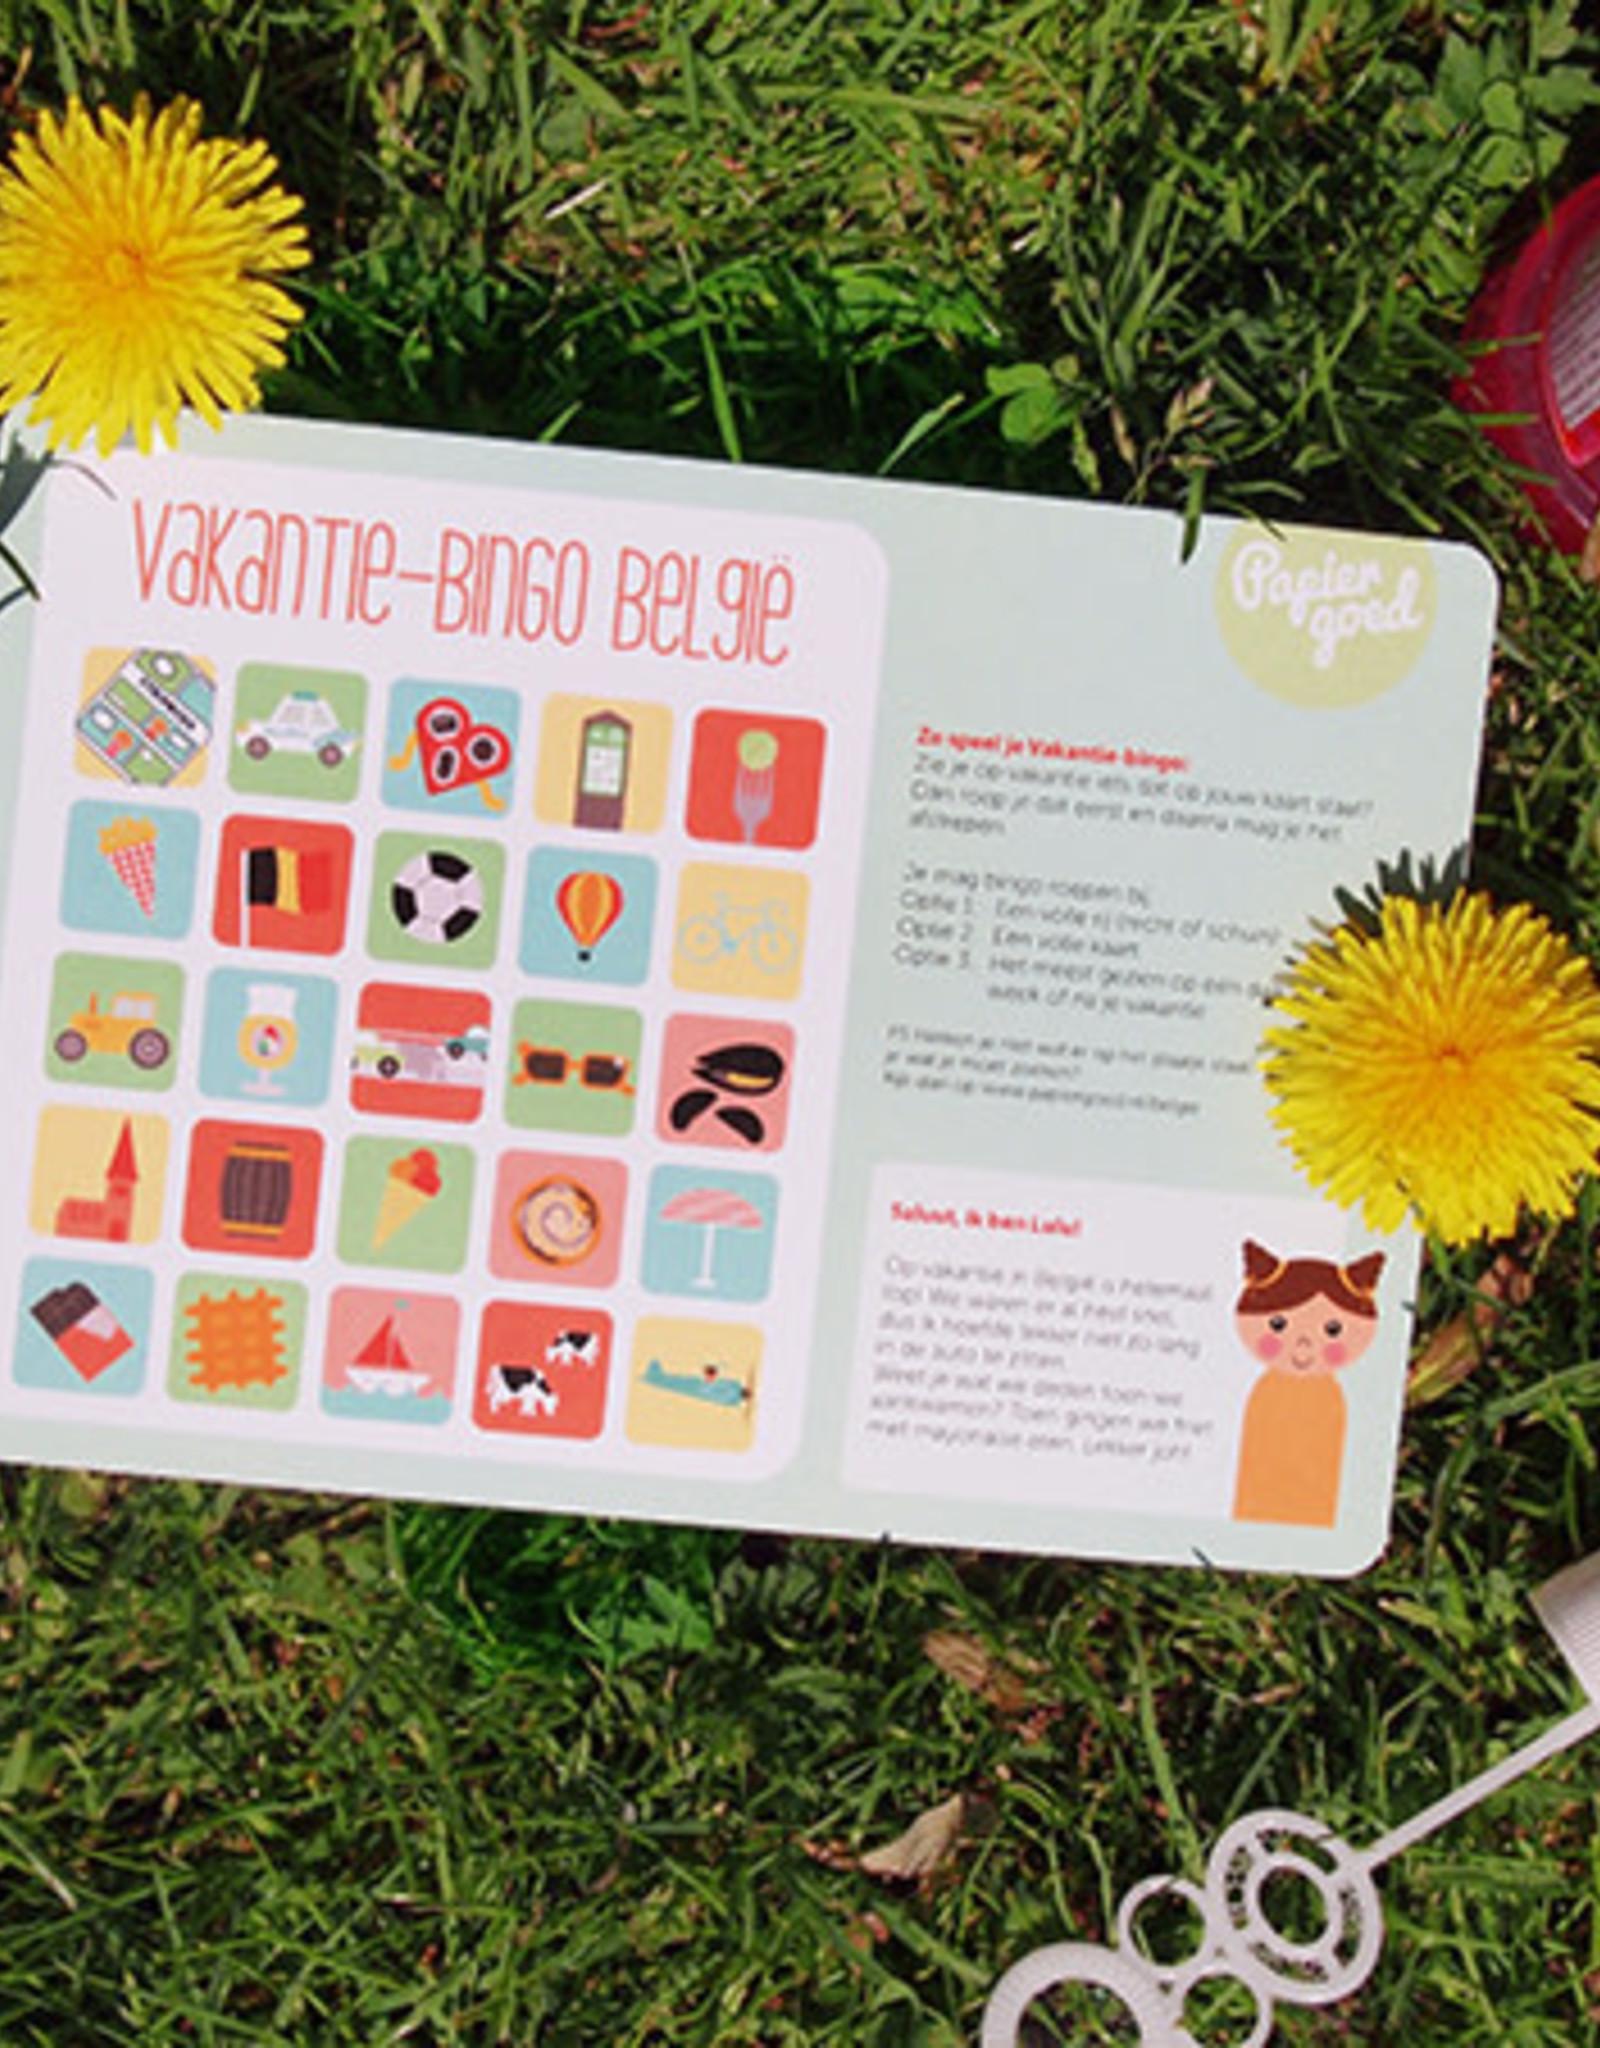 Papiergoed Papiergoed vakantie bingo België